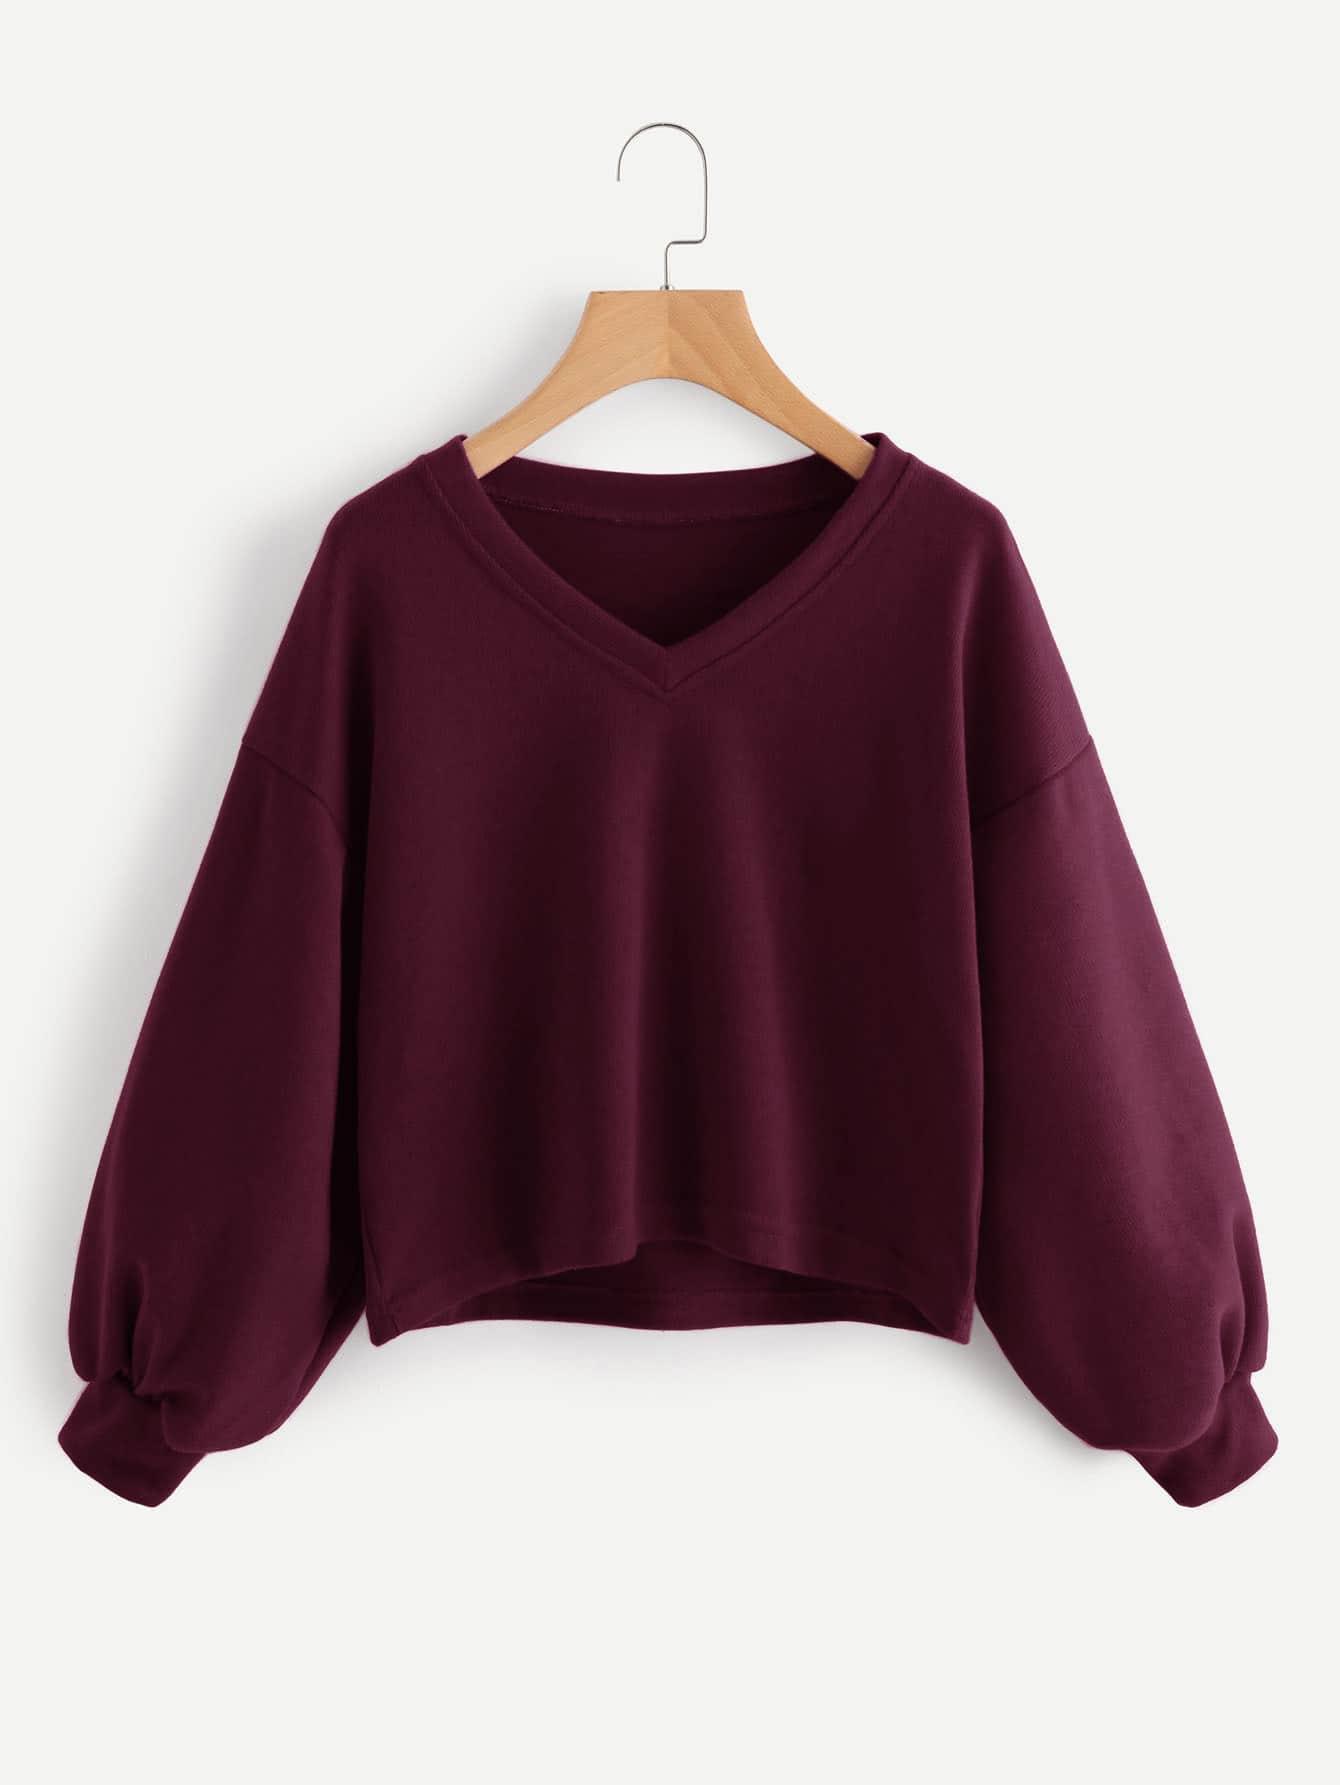 Sweatshirt mit sehr tief angesetzter Schulterpartie, V-Ausschnitt und Laterne Ärmeln